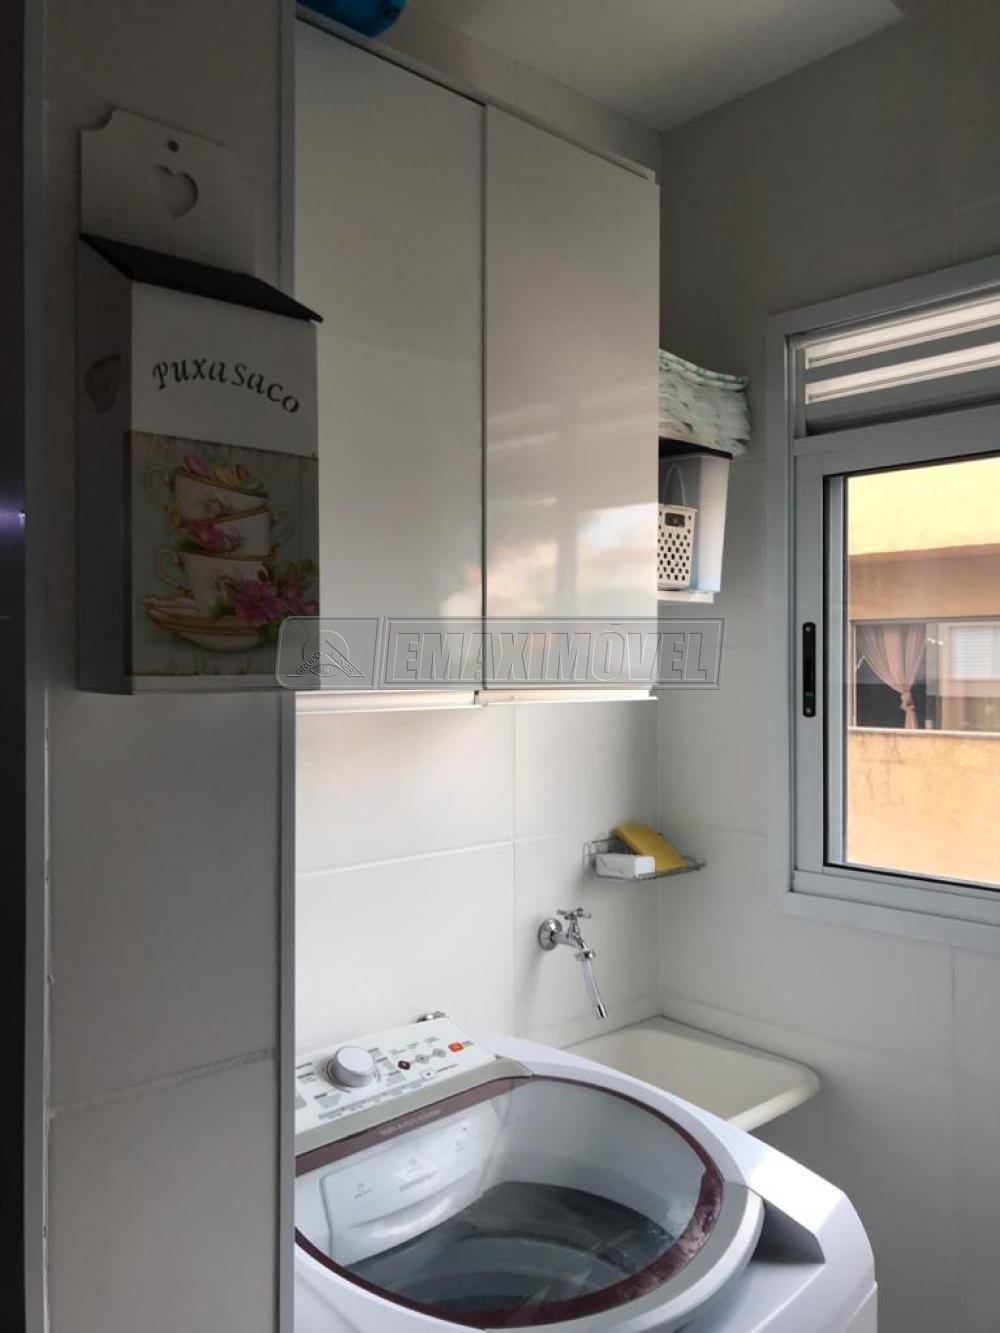 Comprar Apartamentos / Apto Padrão em Sorocaba apenas R$ 230.000,00 - Foto 17